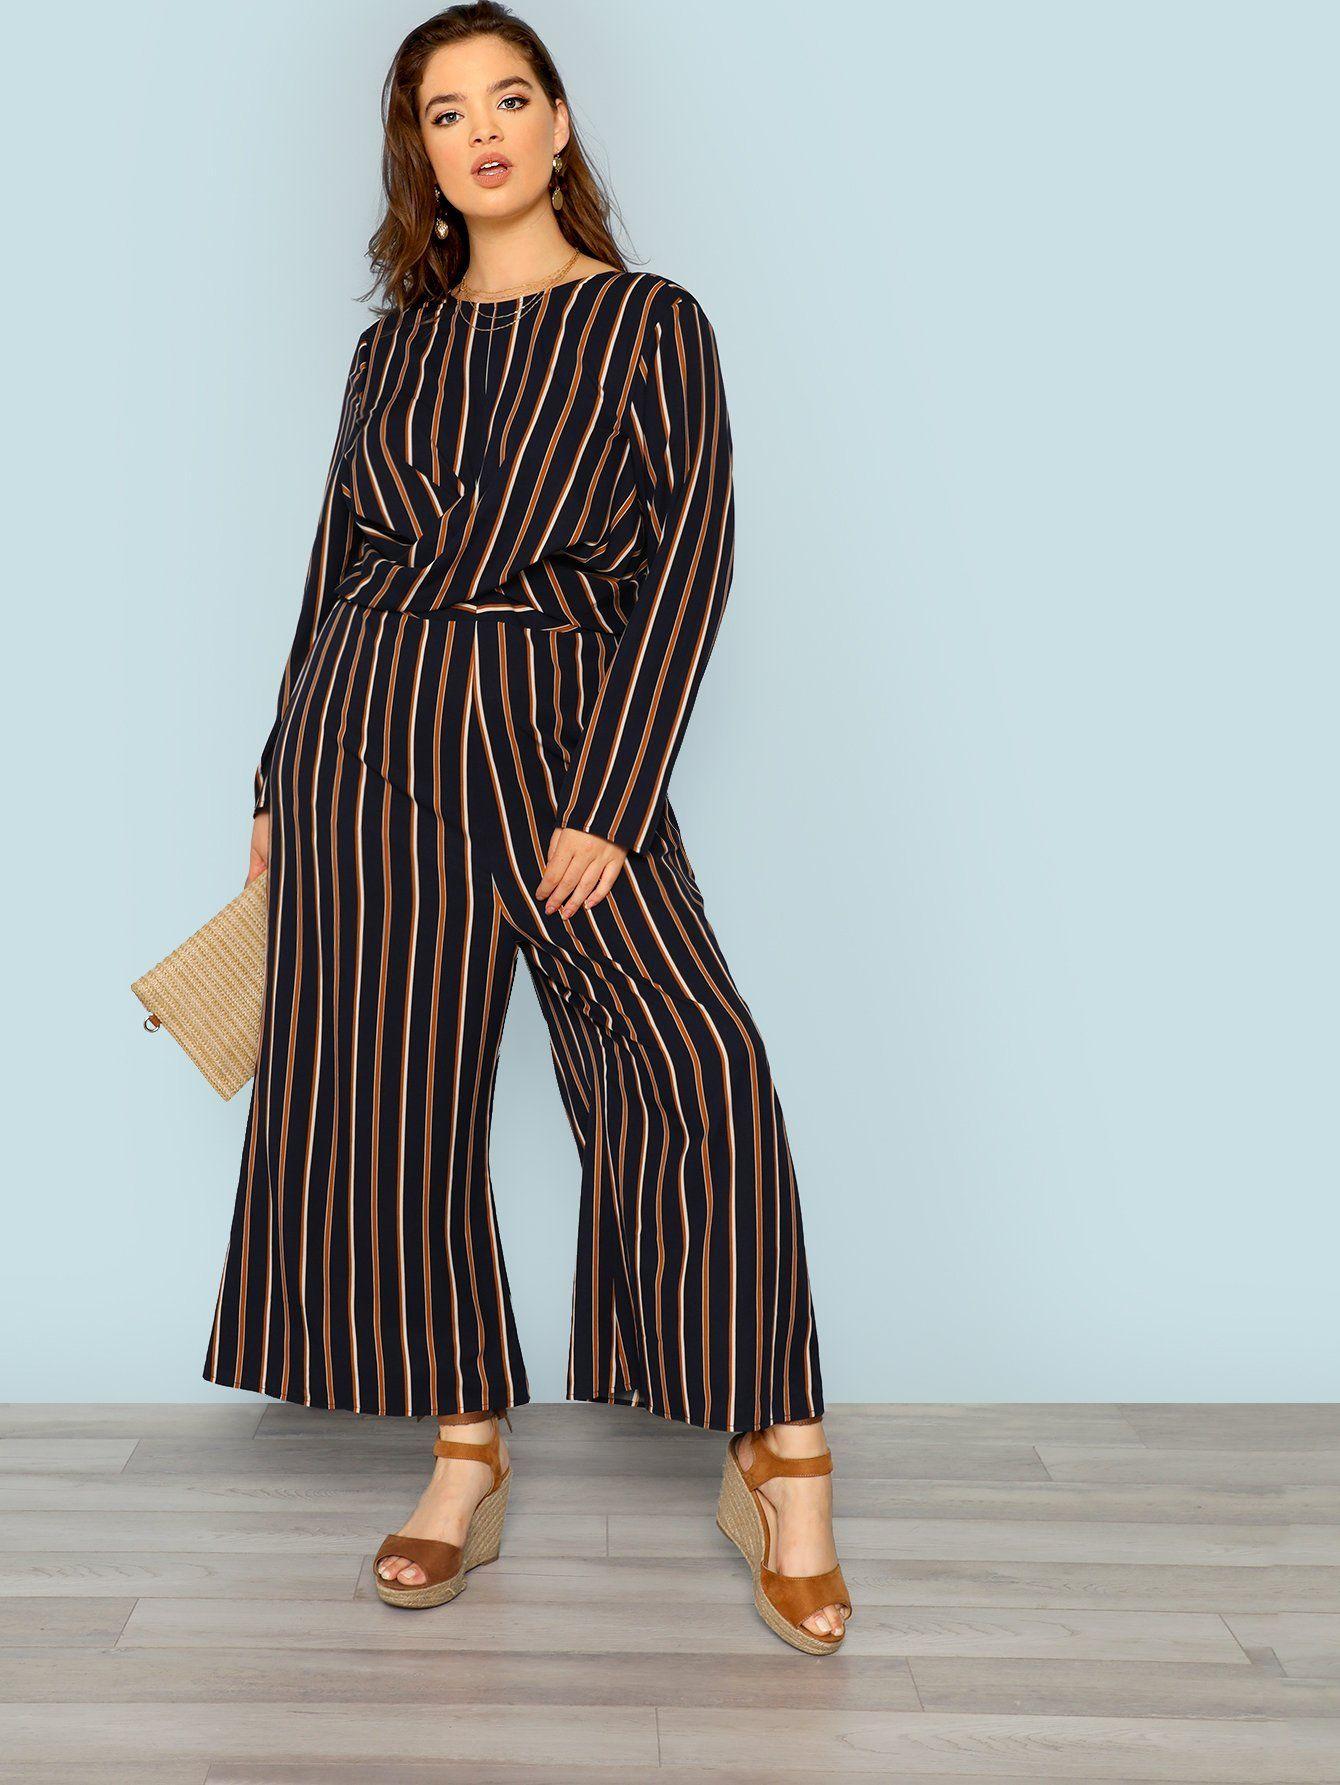 Plus Size Cross Wrap Front Striped Jumpsuit Multi Sizes FREE SHIP ... d755a7f76d29